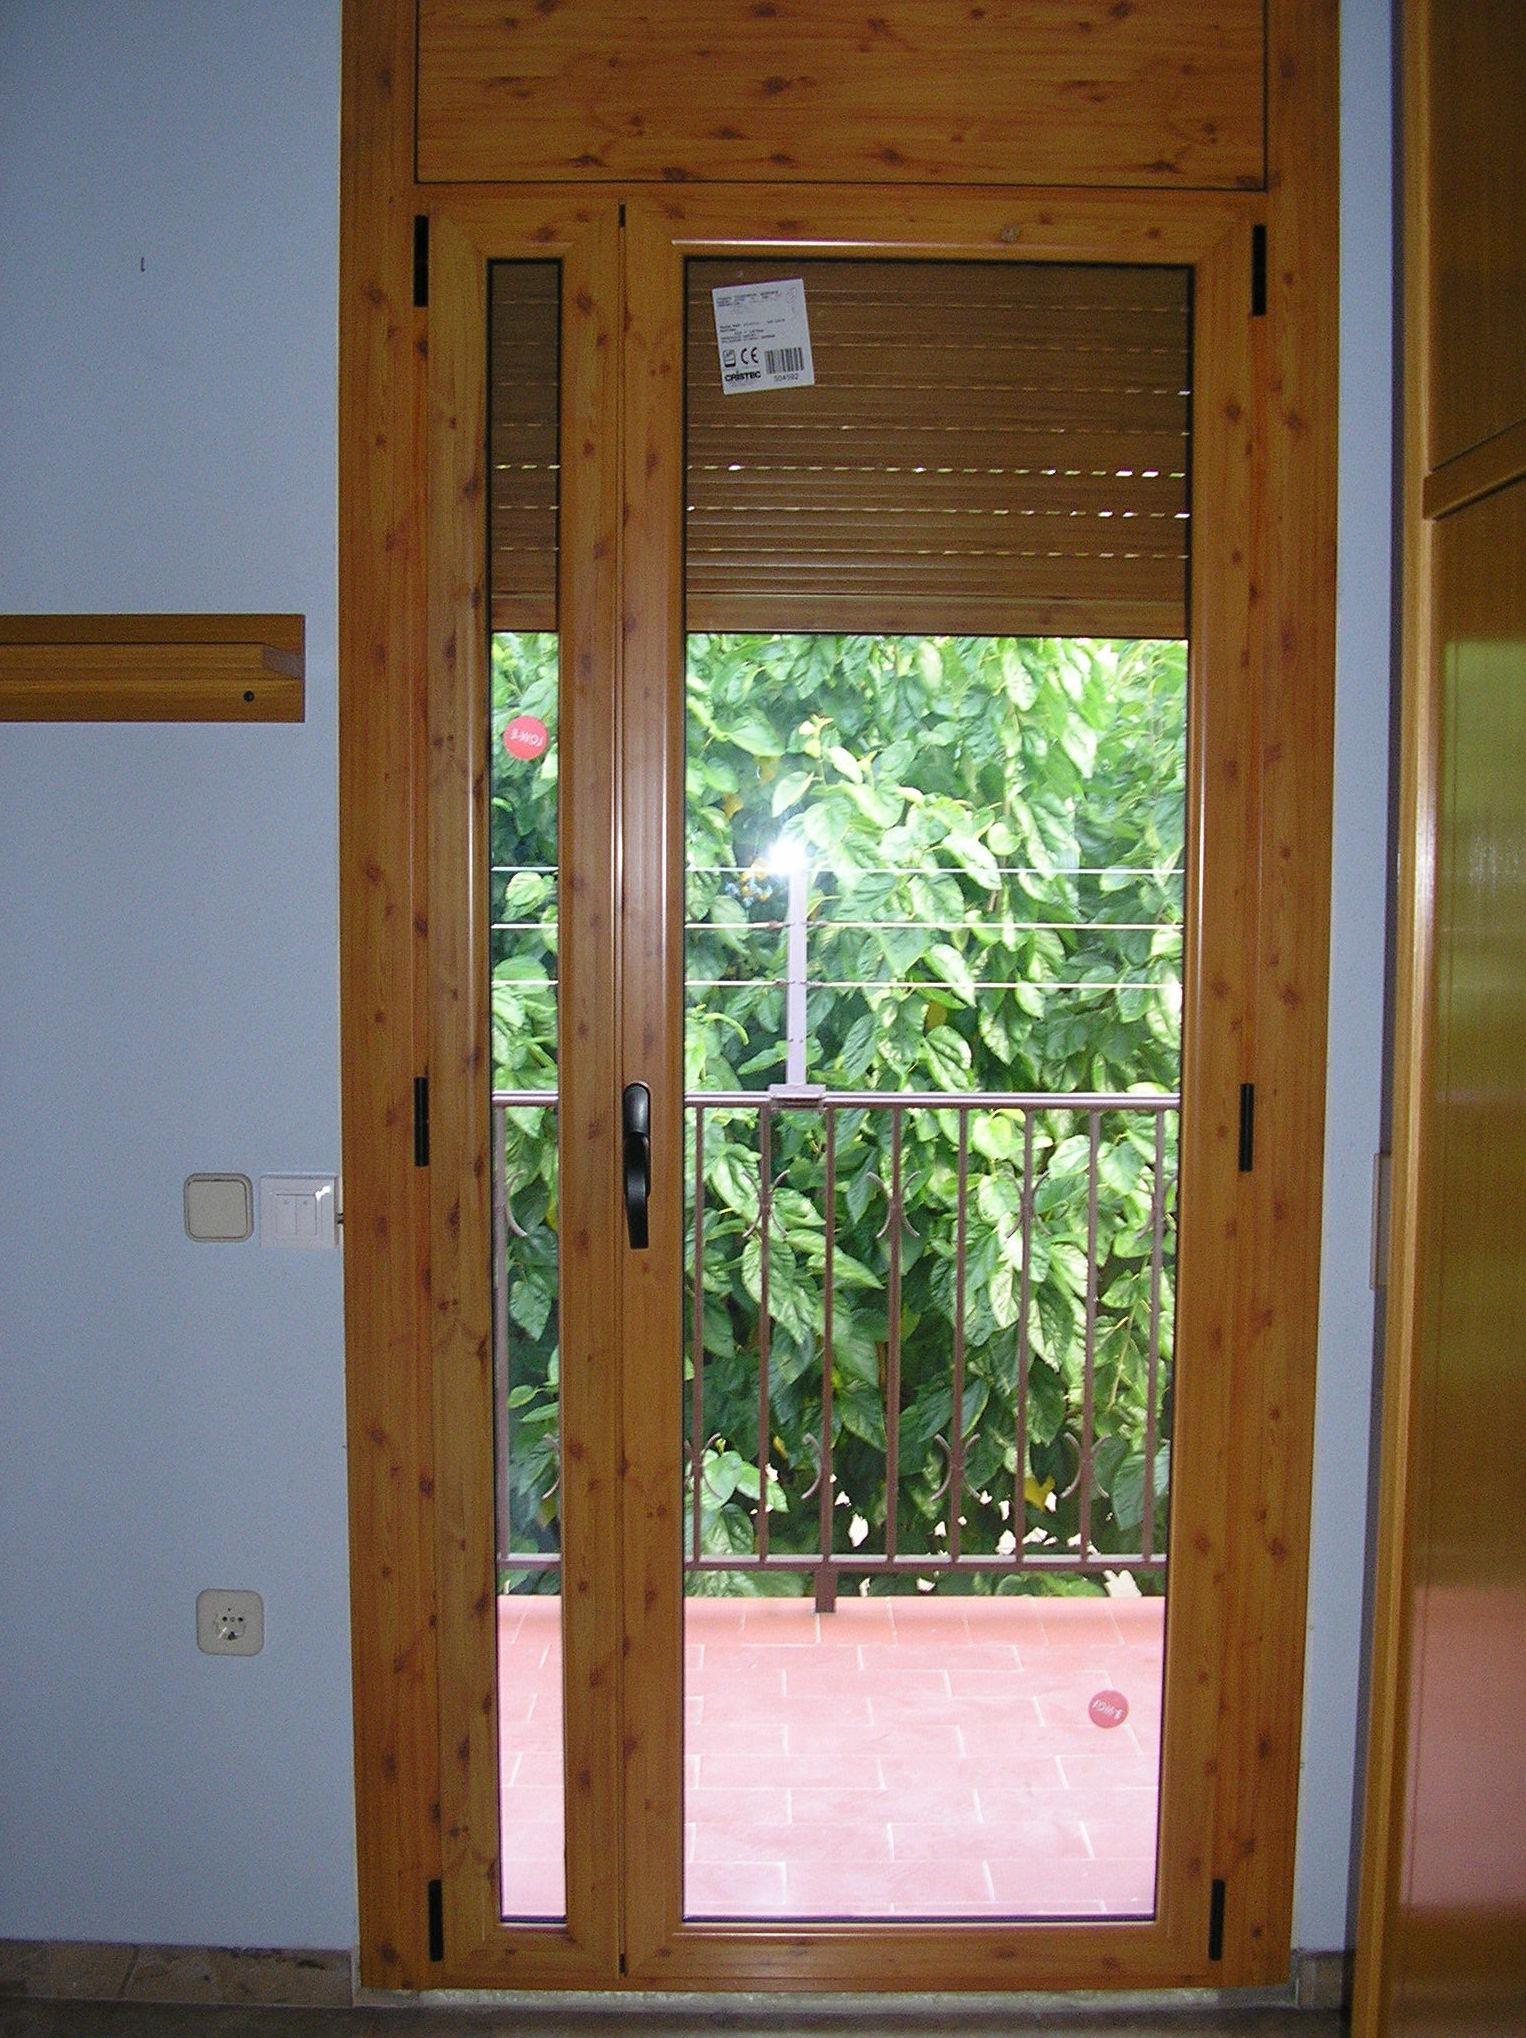 ventana color madera